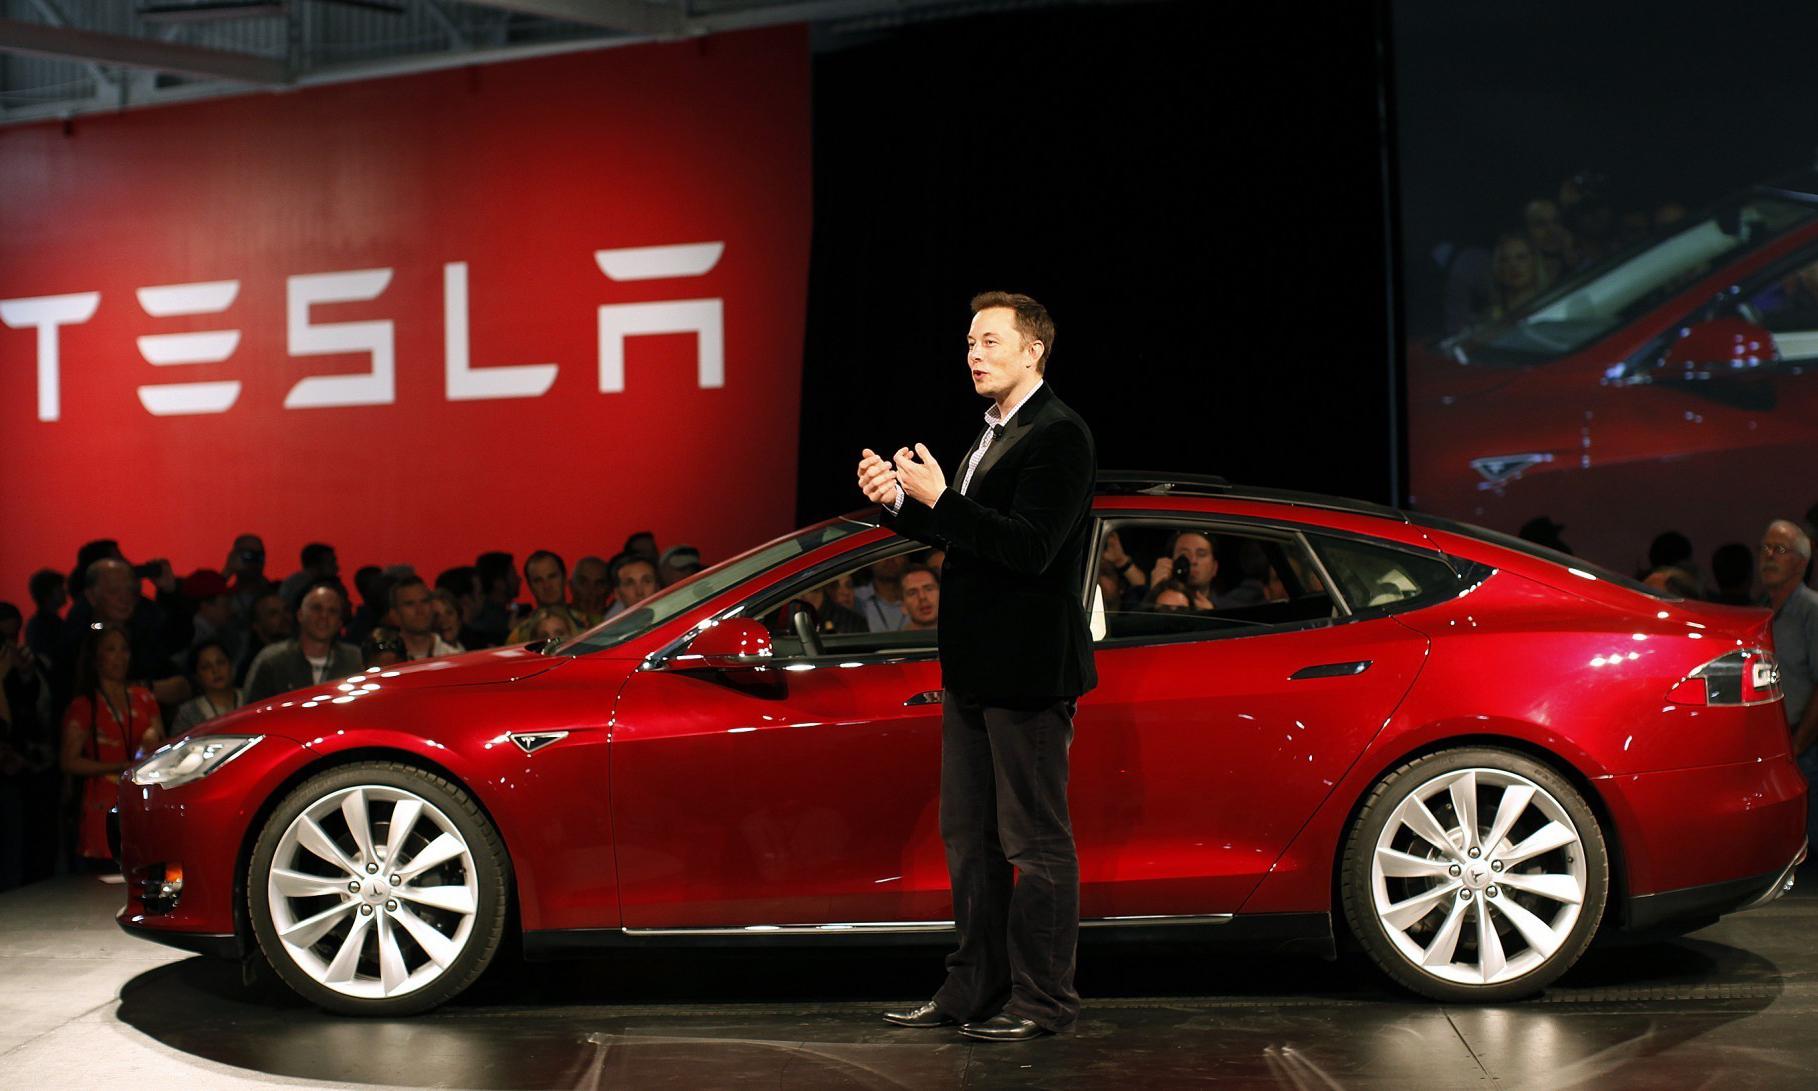 """2020 年 """"起飞"""",Elon Musk 预告次时代飞行 Roadster 跑车"""